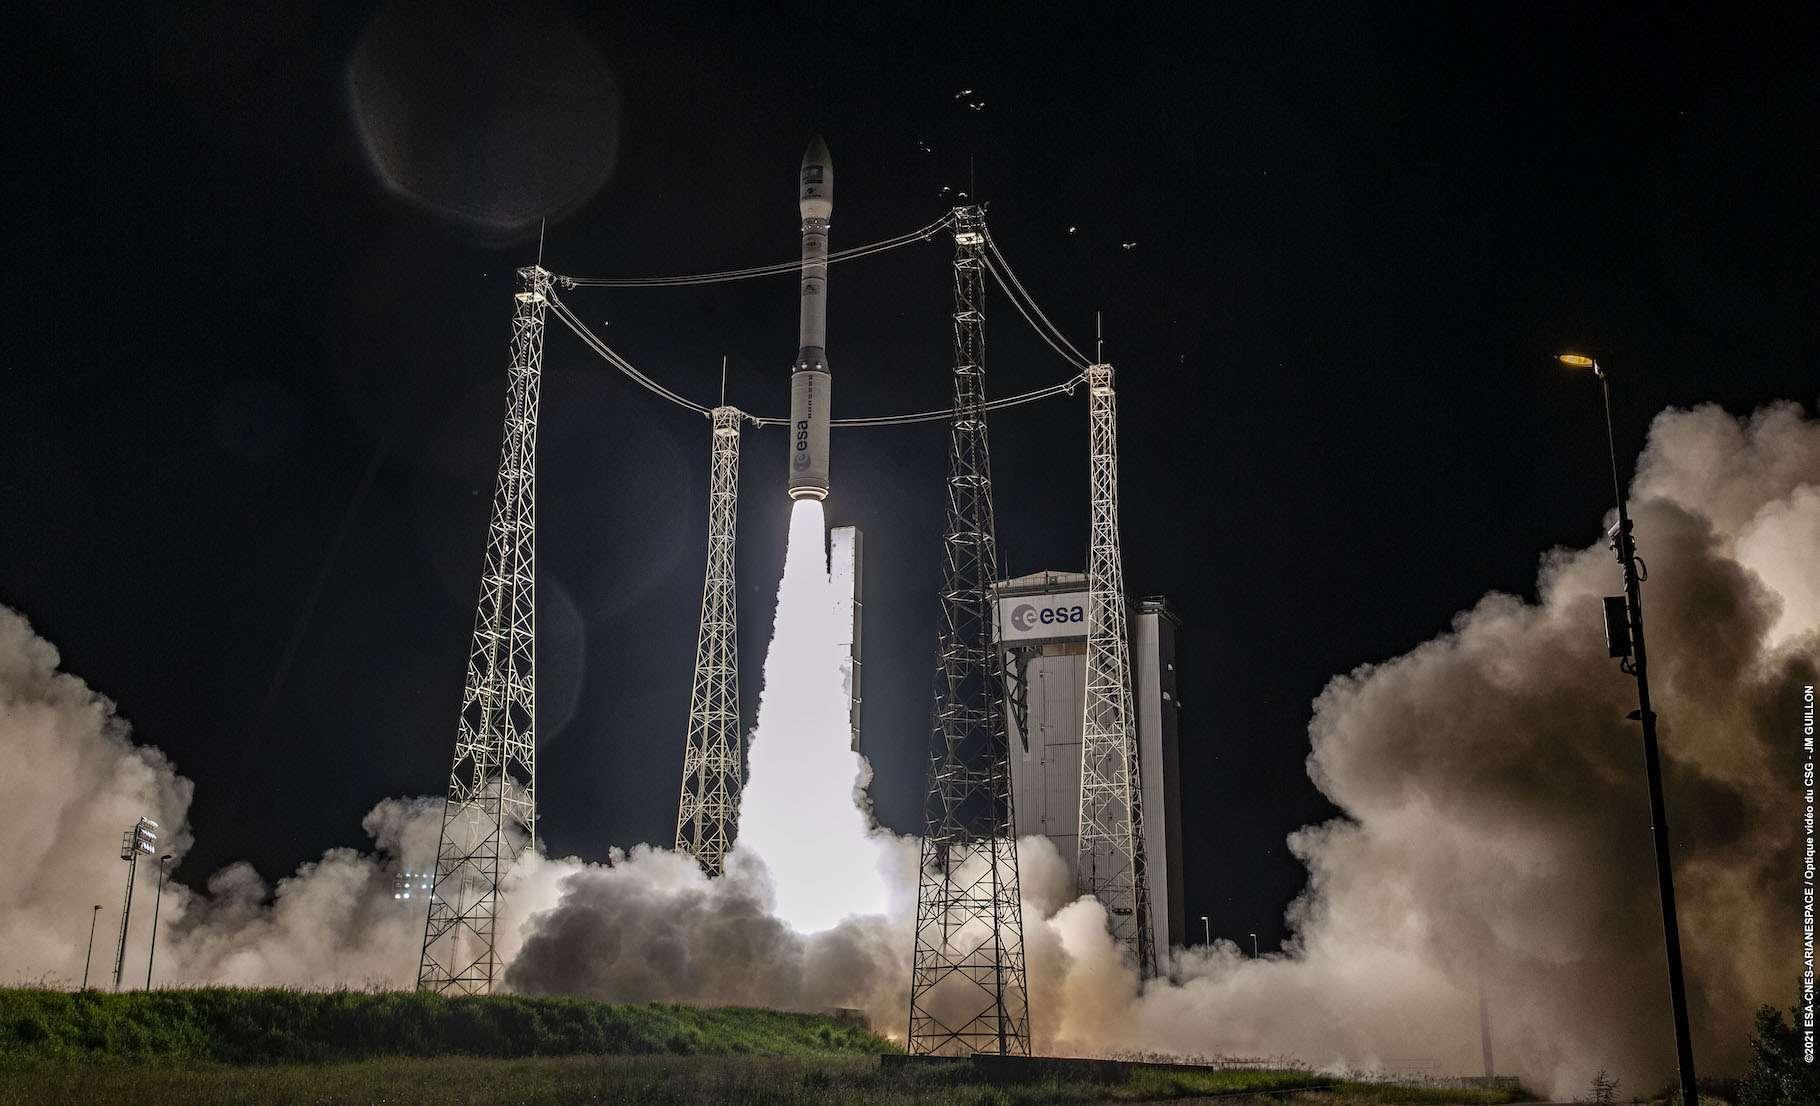 Ce lundi 16 août 2021, le lanceur Vega a mis sur orbite l'un des satellites de la constellation Pléiades Neo. © ESA, Cnes, Arianespace-JM Guillon